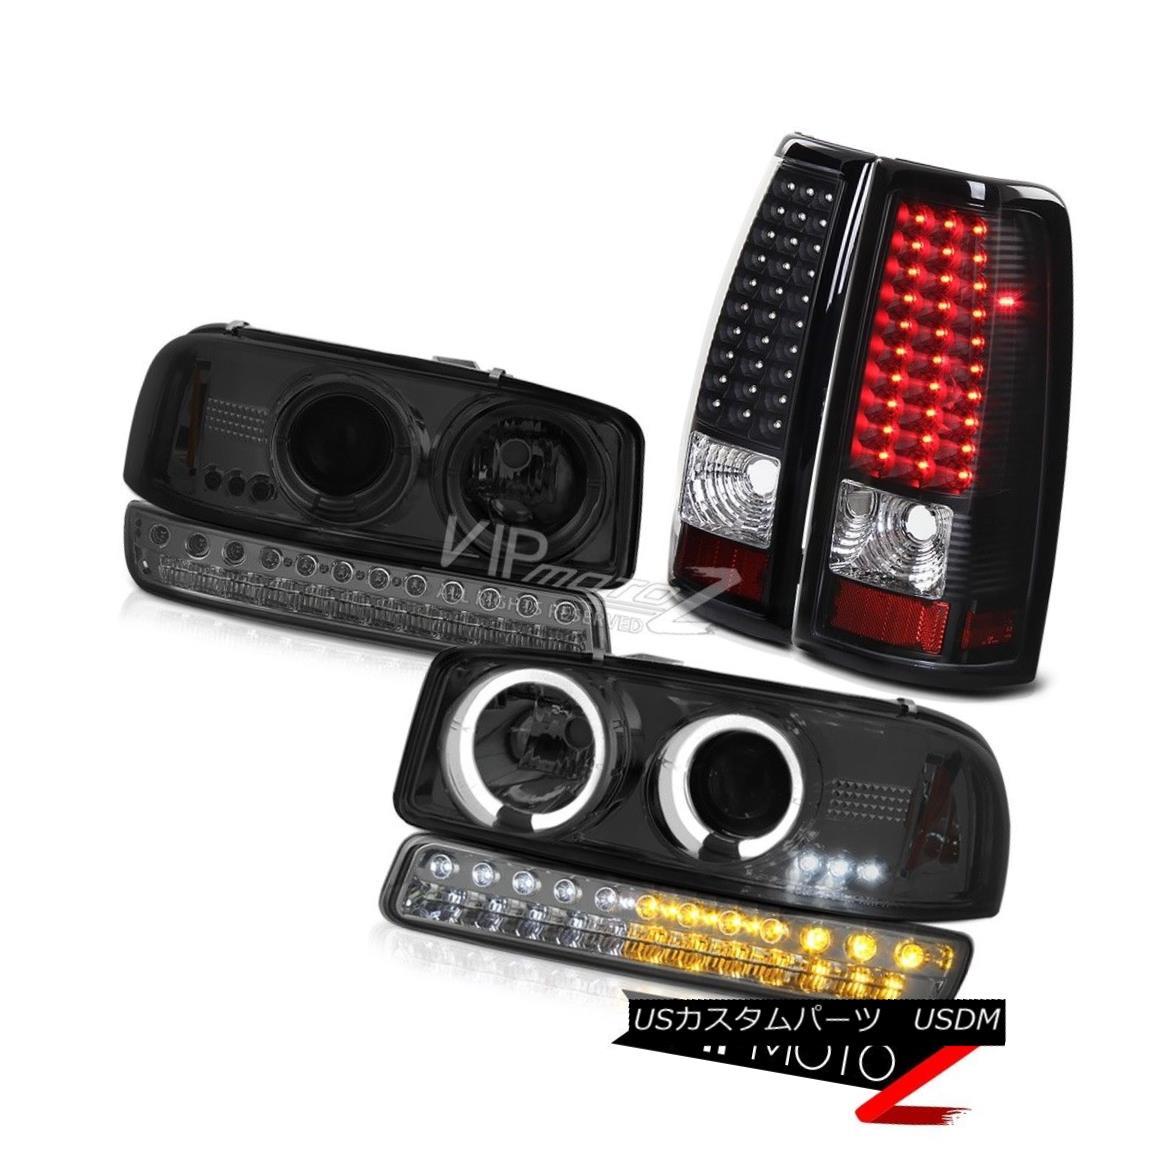 テールライト 99-06 Sierra SLE Infinity Black LED Taillights Signal Lamp Headlamps Angel Eyes 99-06 Sierra SLE InfinityブラックLEDテールライトシグナルランプヘッドランプエンジェルアイズ